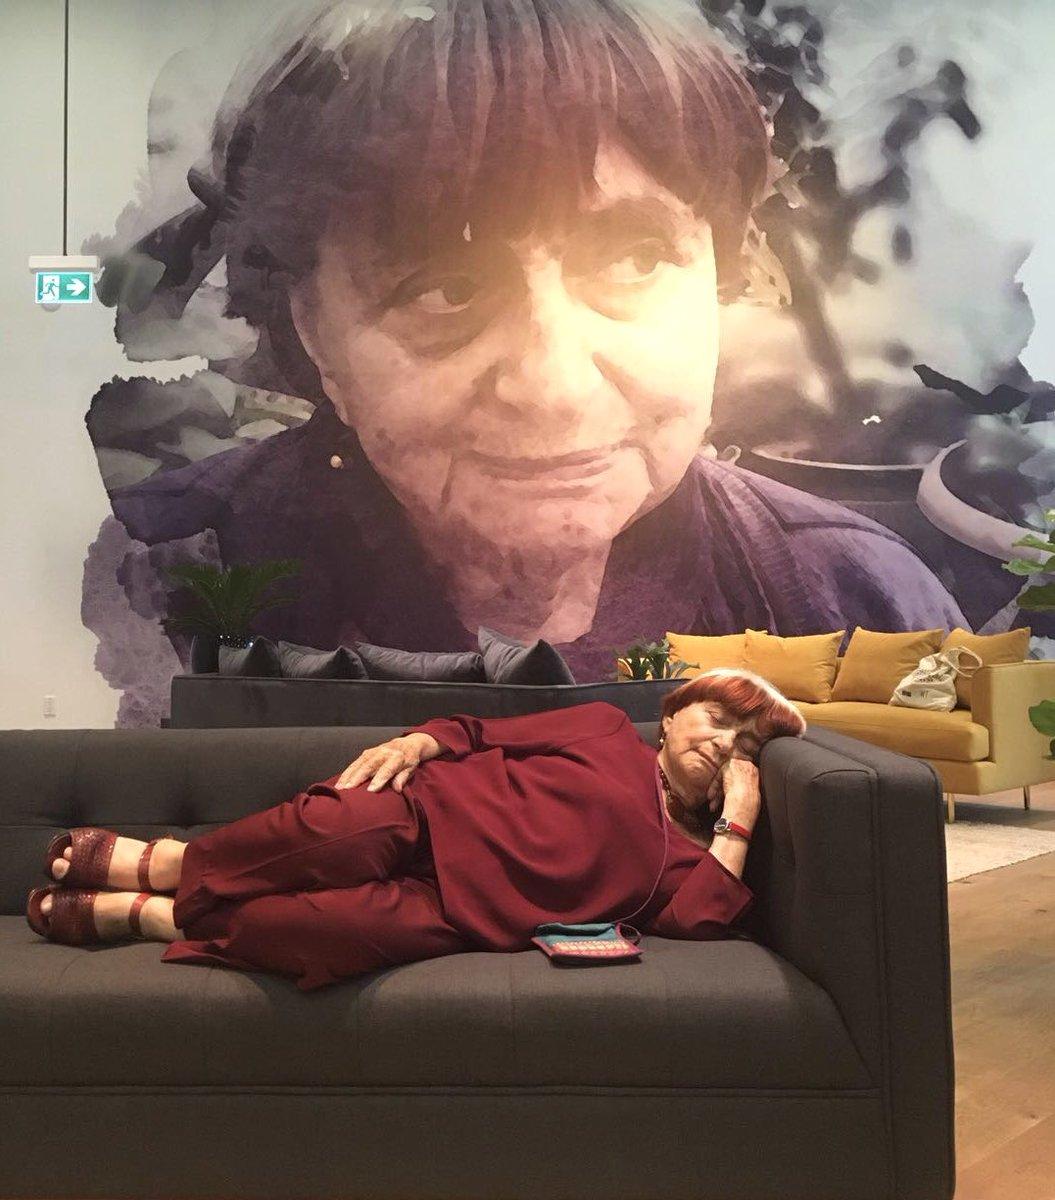 المخرجة الفرنسية الراحلة أجنيس فاردا